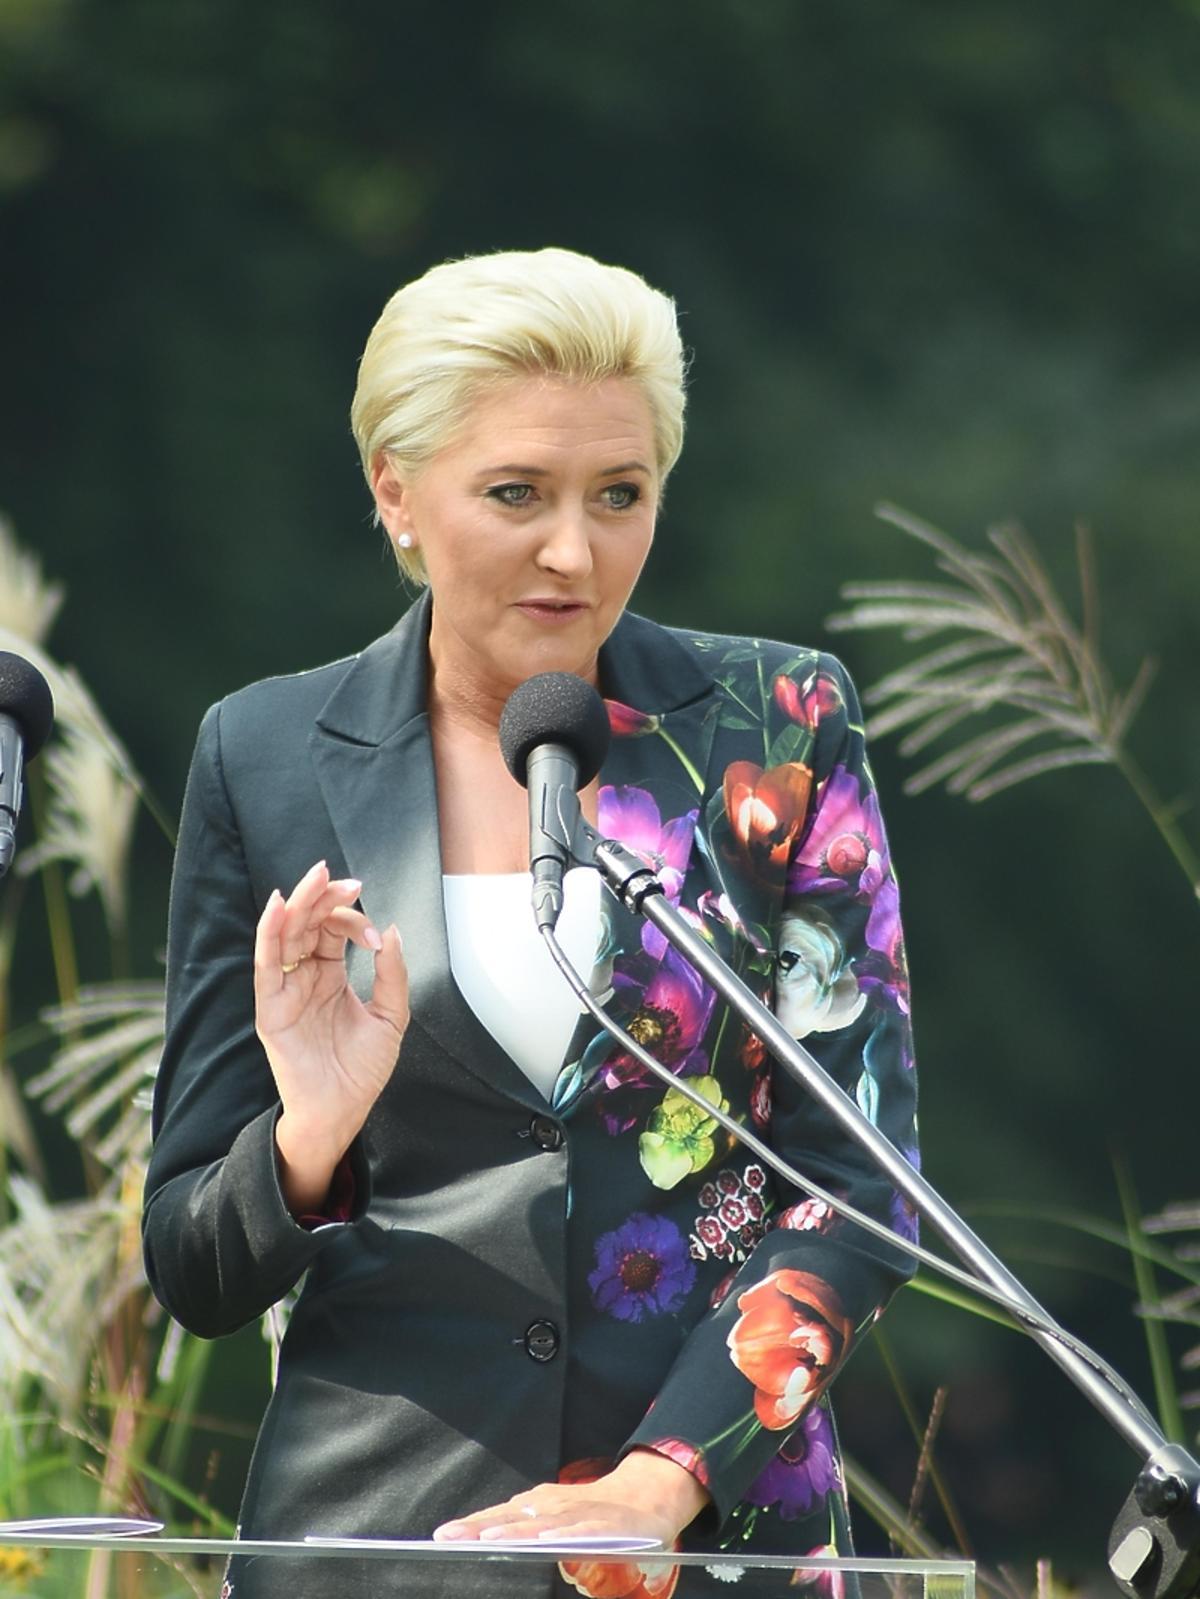 Agata Duda w garniturze w kwiaty